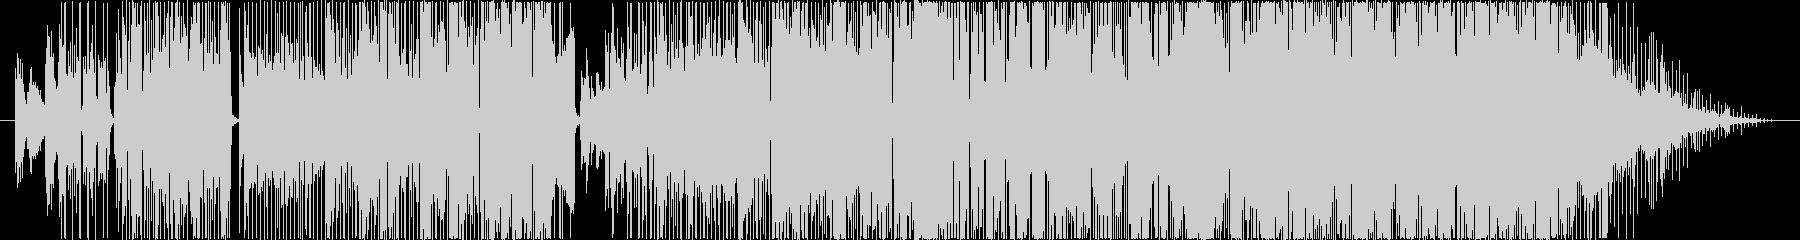 C-POPでレトロな曲の未再生の波形